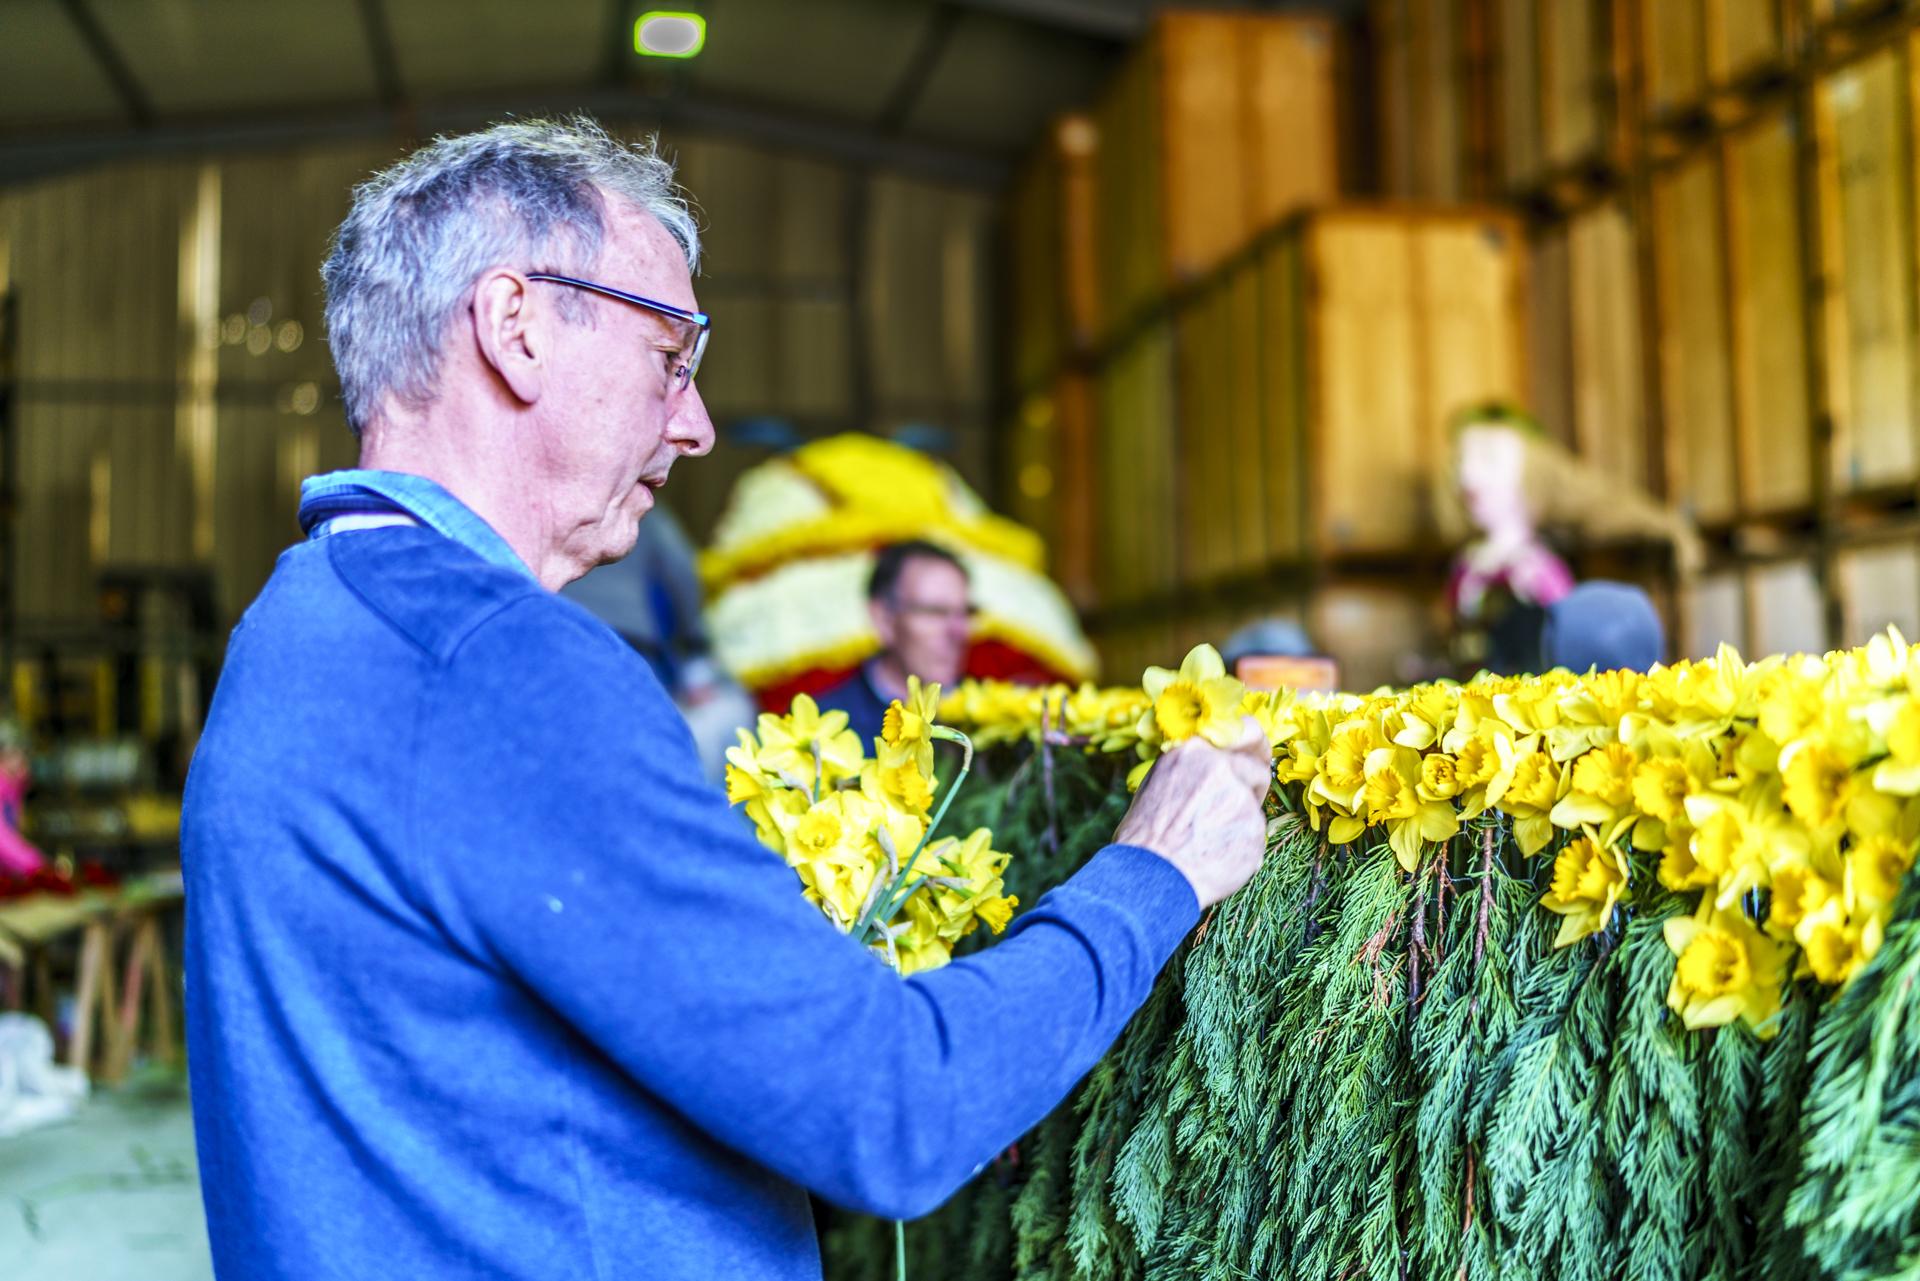 Blumenwagen für Corso Fleuri schmücken